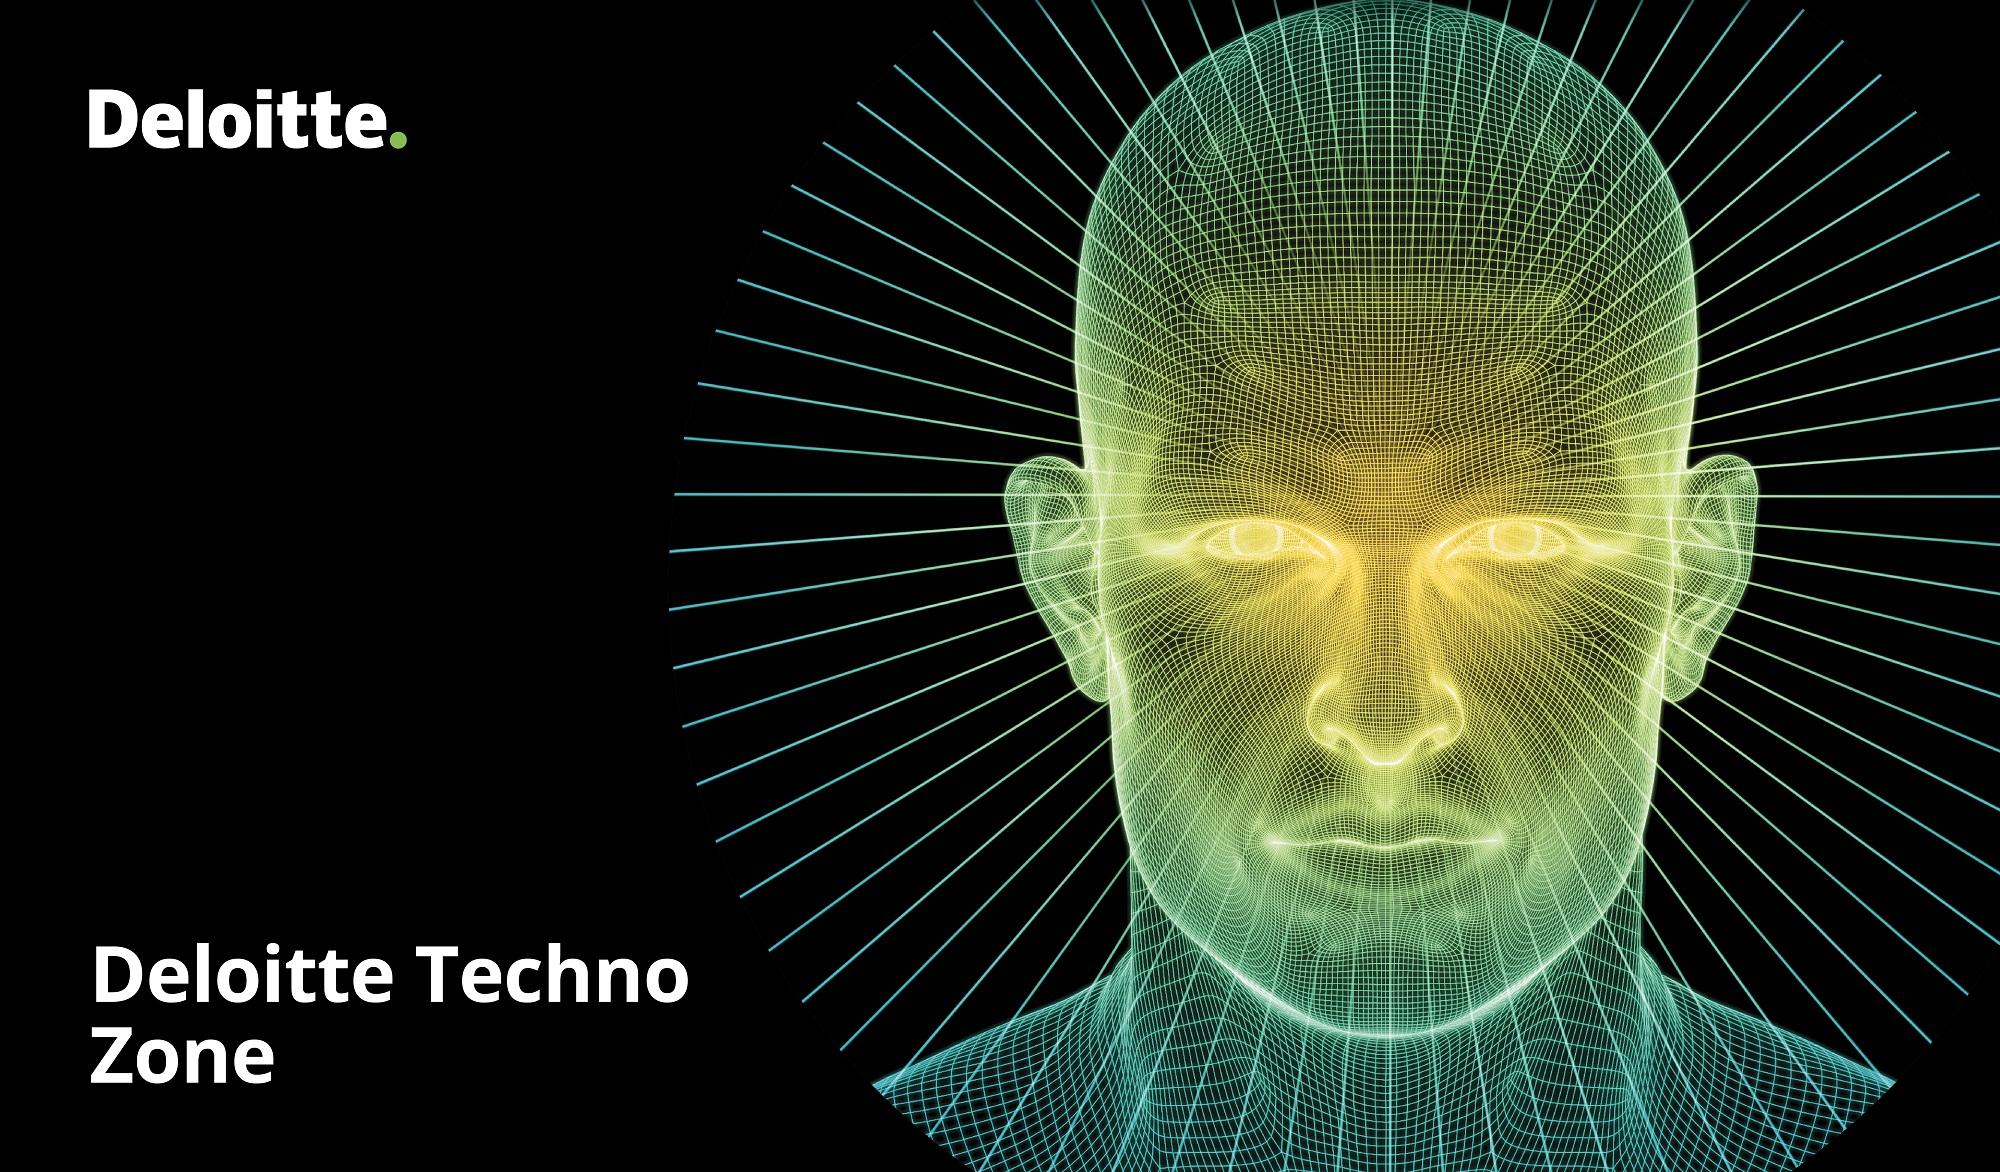 Deloitte Techno Zone ENG 2000px JPG